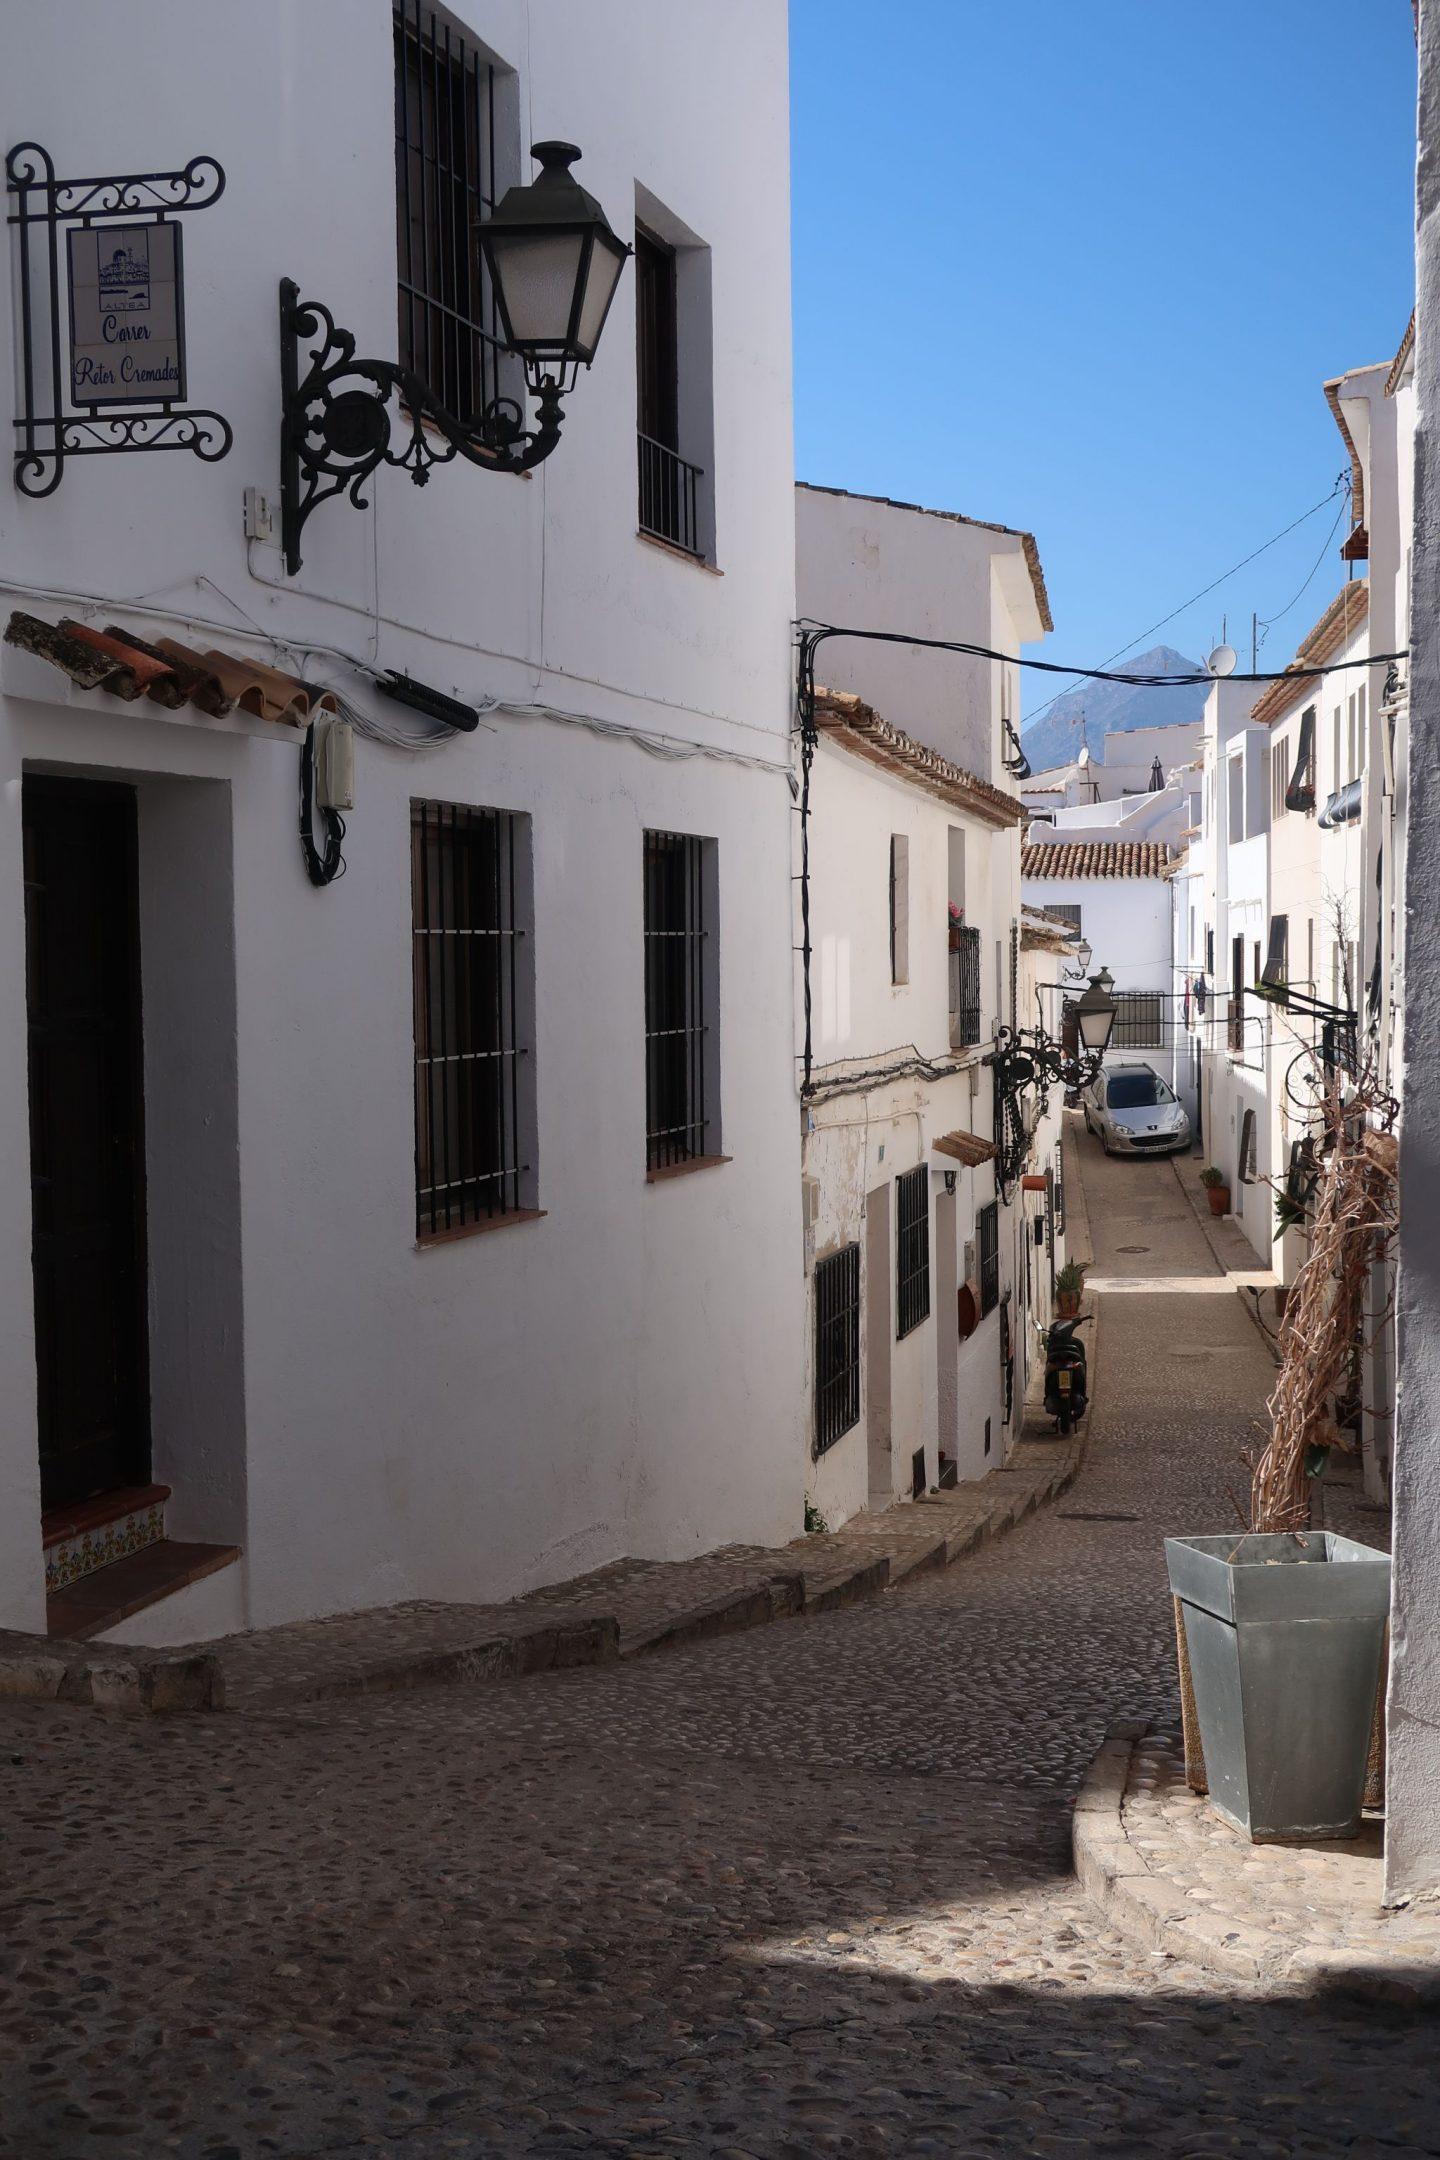 Altea Old Town WhatLauraLoves uk Travel blog